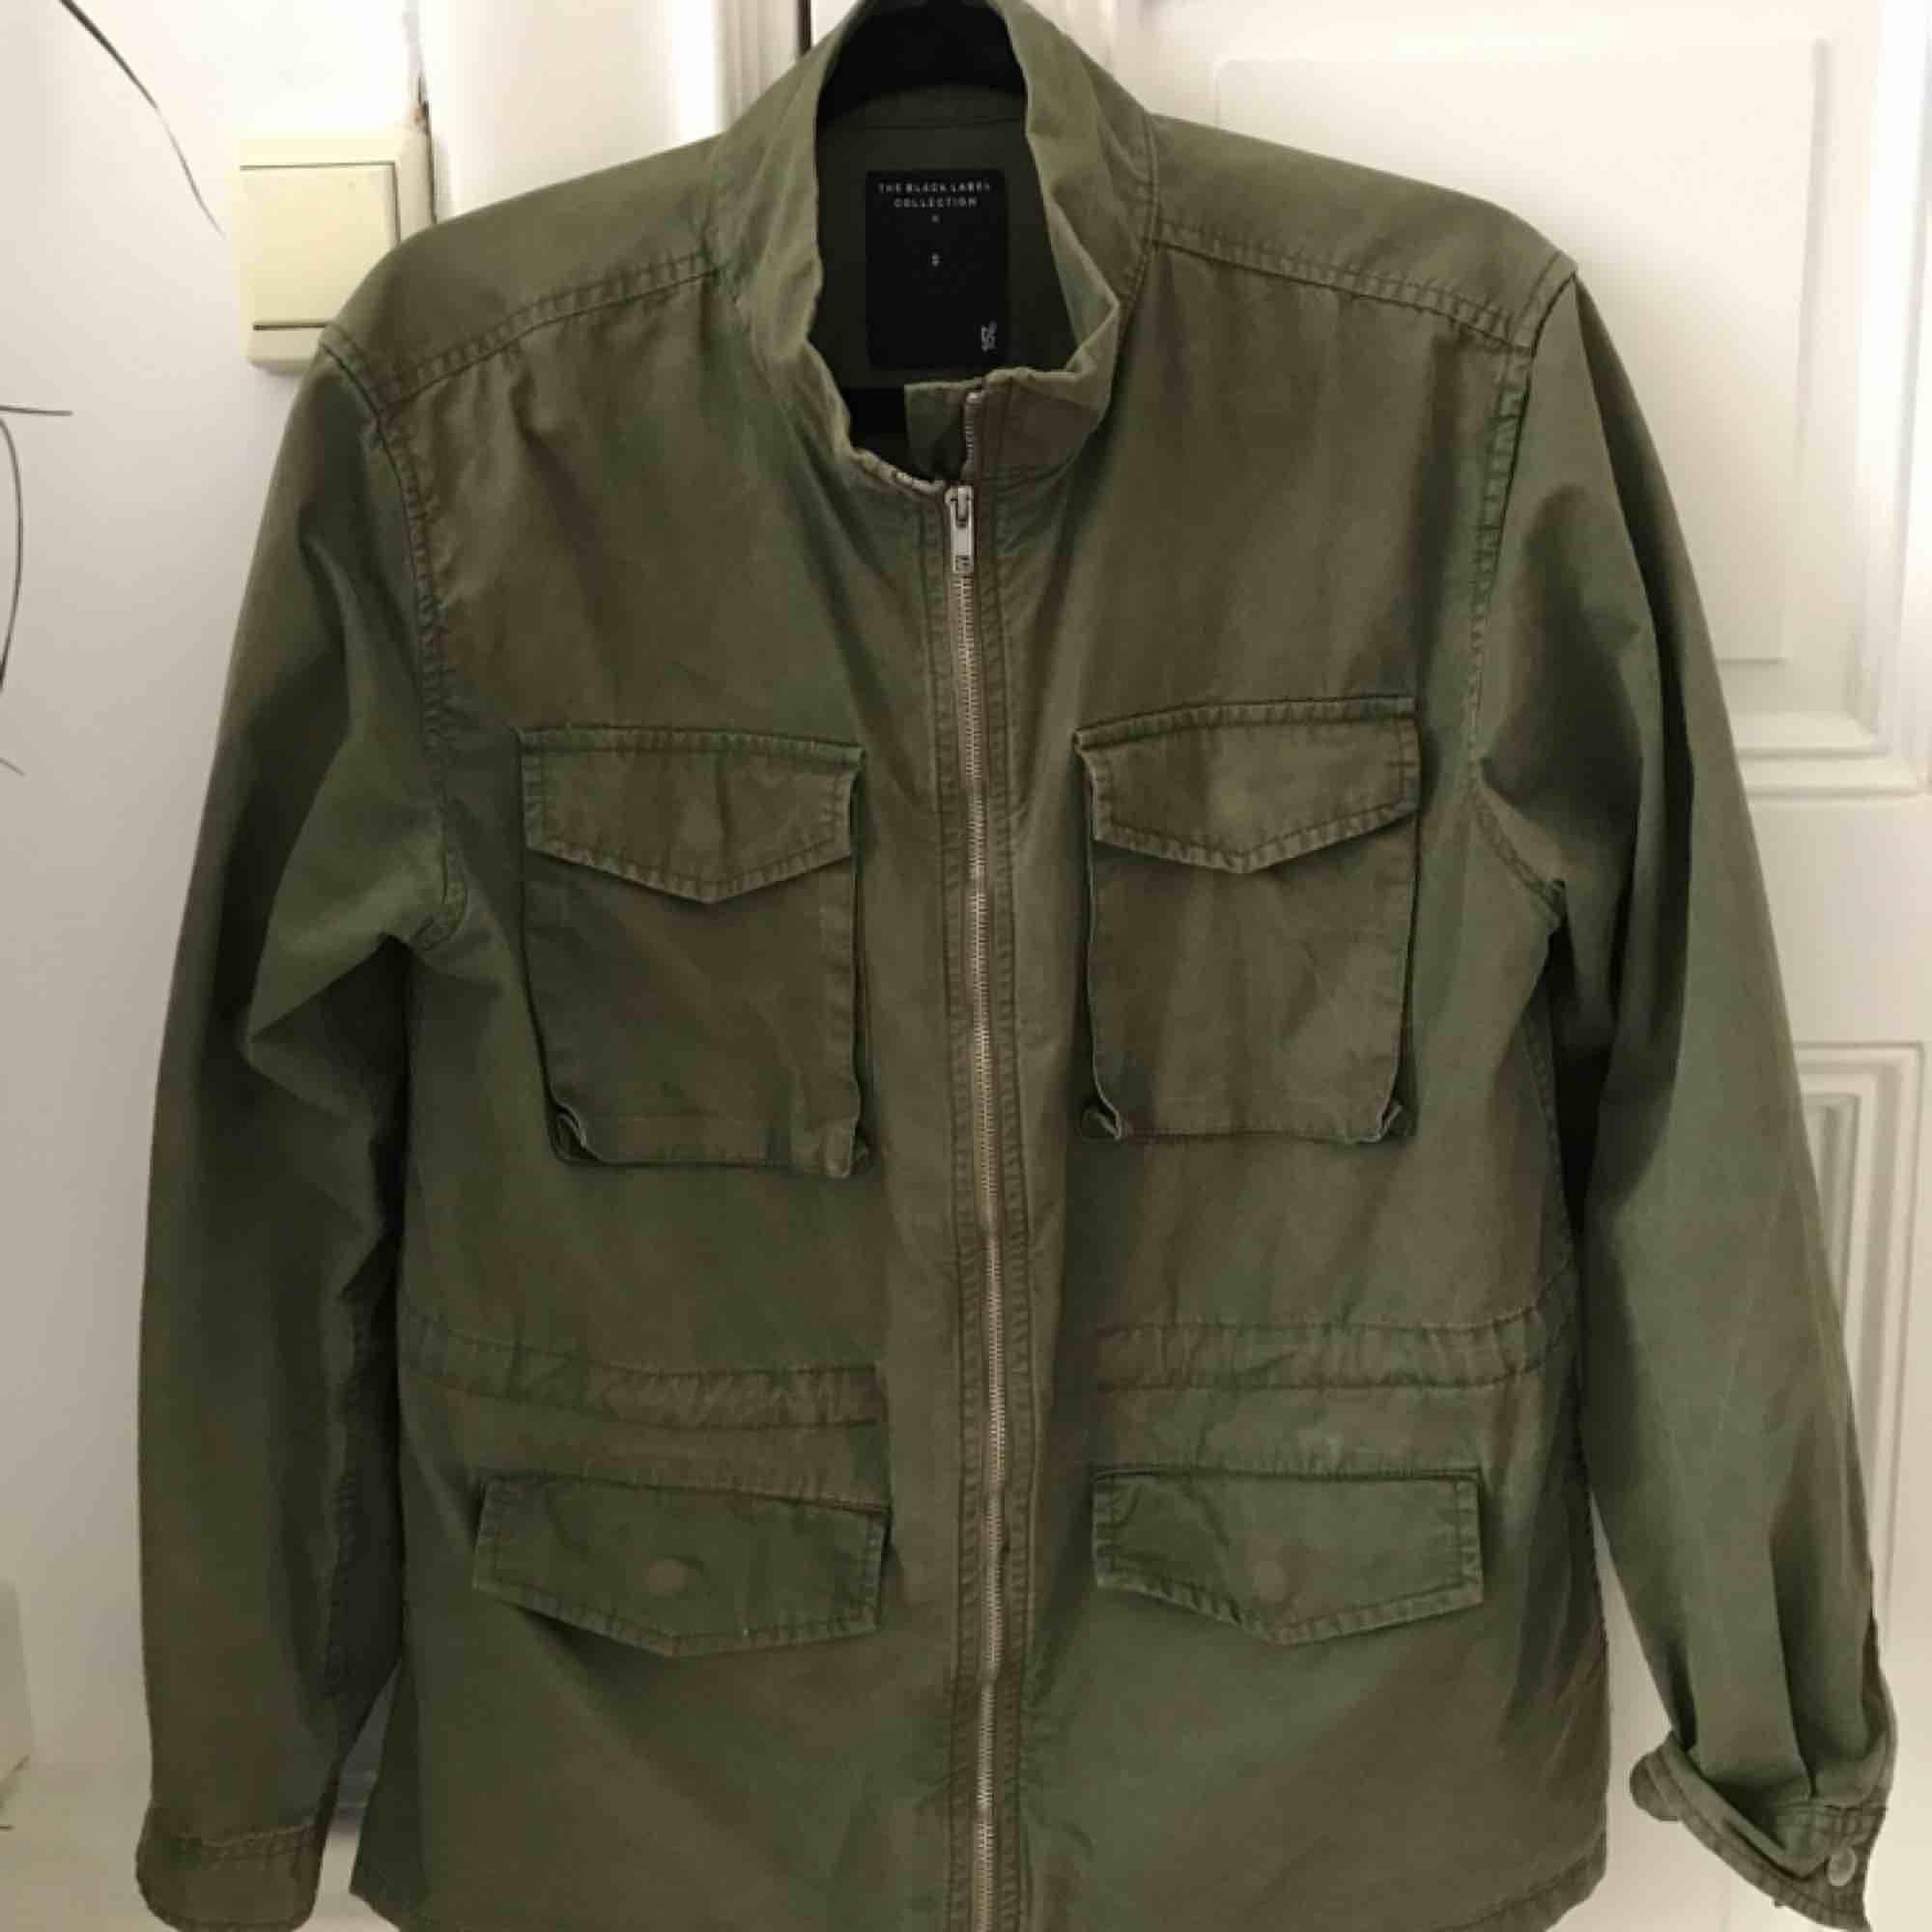 Super snygg jacka från Lager 157. Som ny då jag har två liknade gröna jackor. Köpt för 500:- . Jackor.